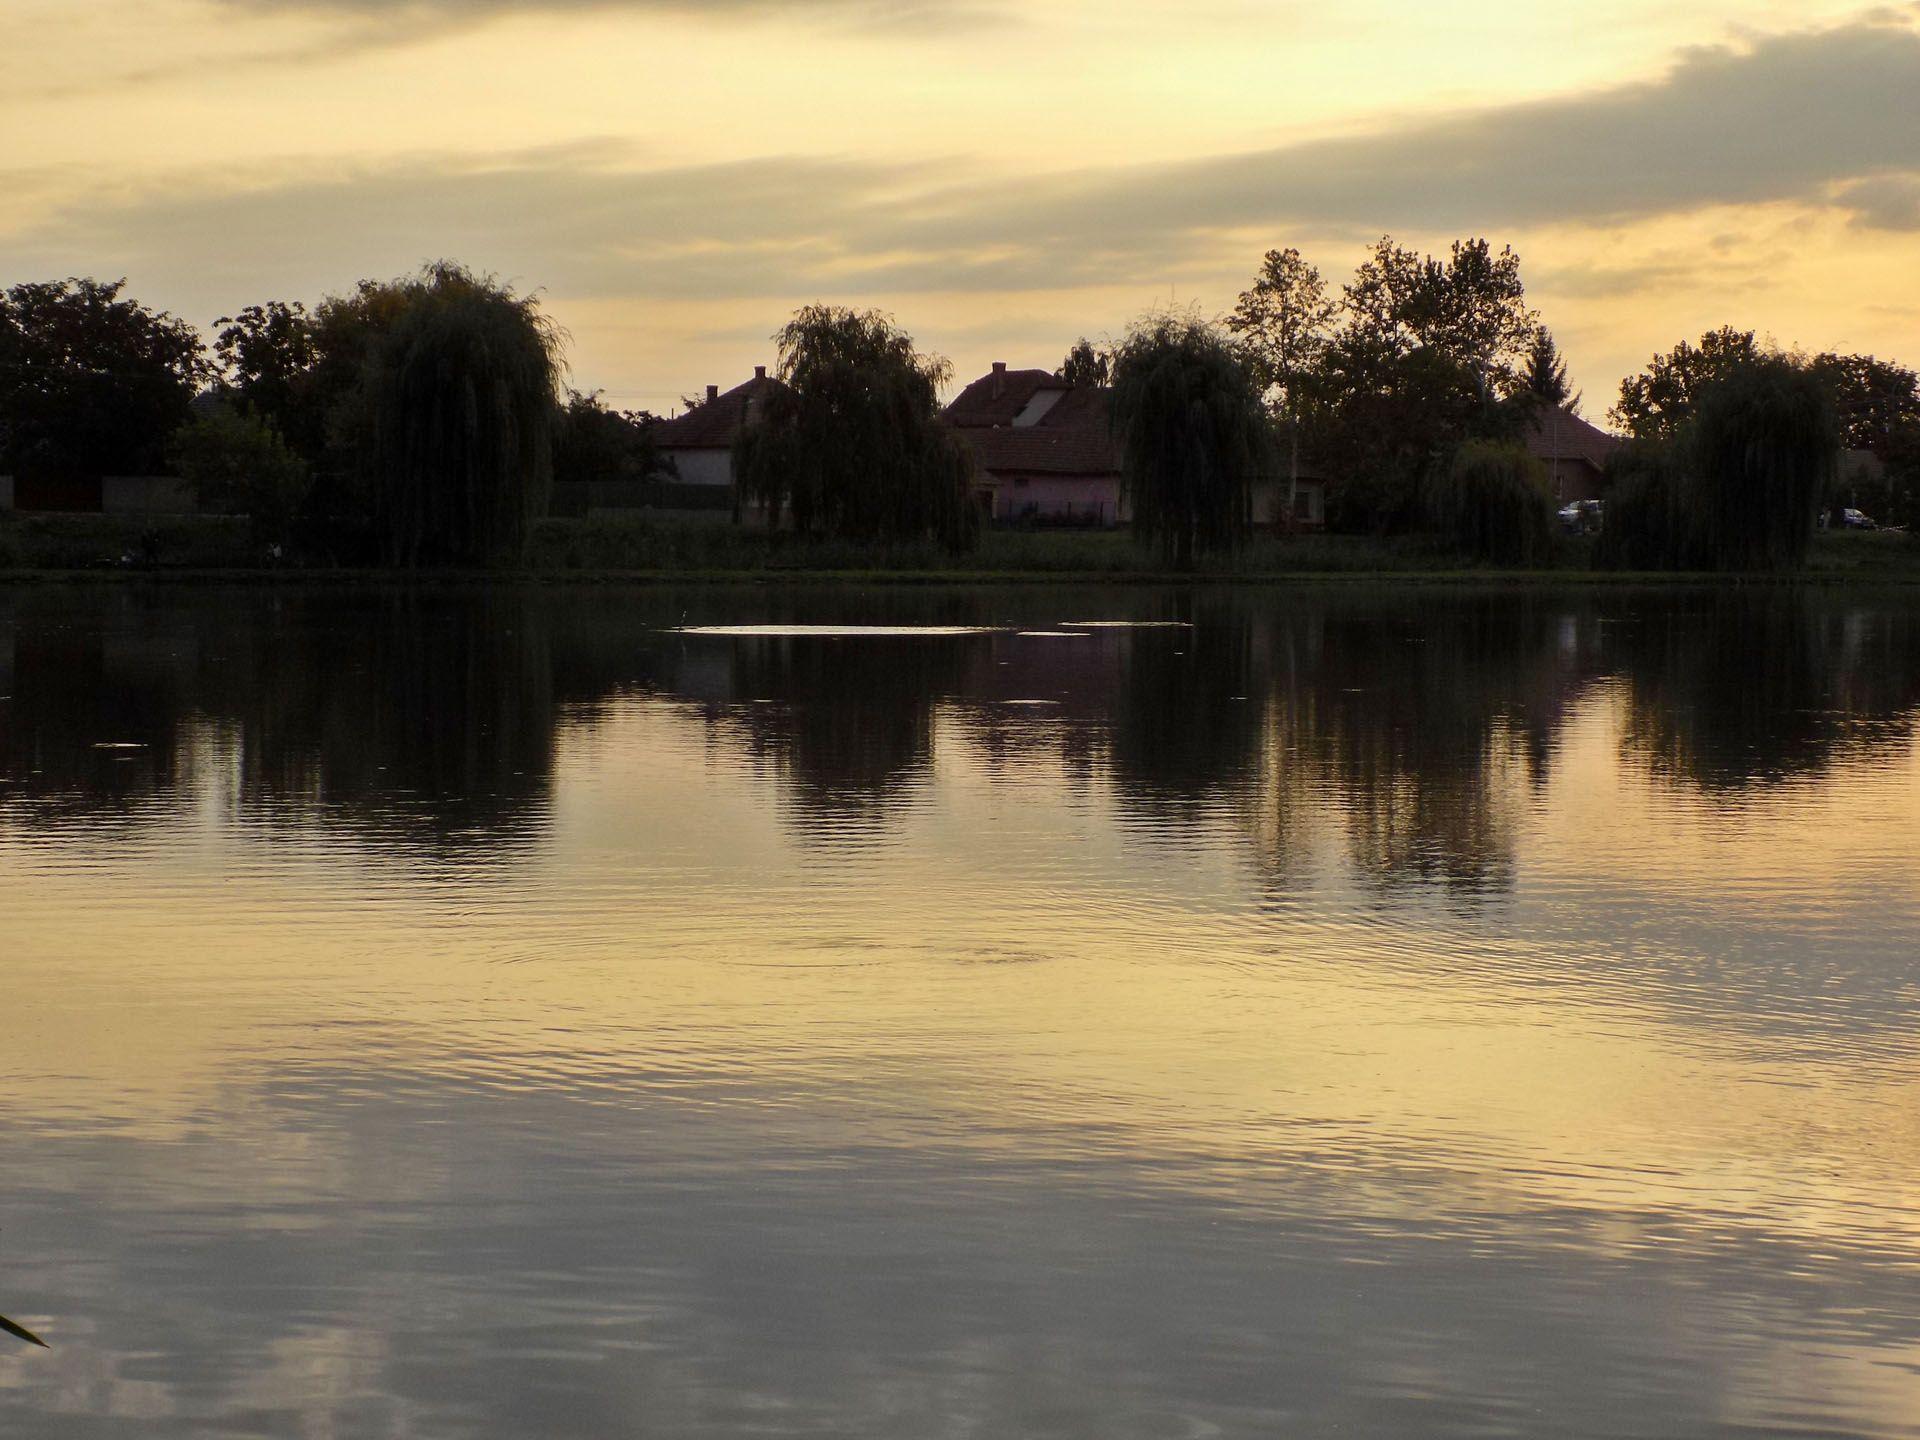 Kipakolás közben egyre gyakrabban lettem figyelmes a tó középső részén elhelyezkedő bóják körüli halmozgásra, ez máris remek támpontnak bizonyult, hova is csobbanjanak az első dobásaim